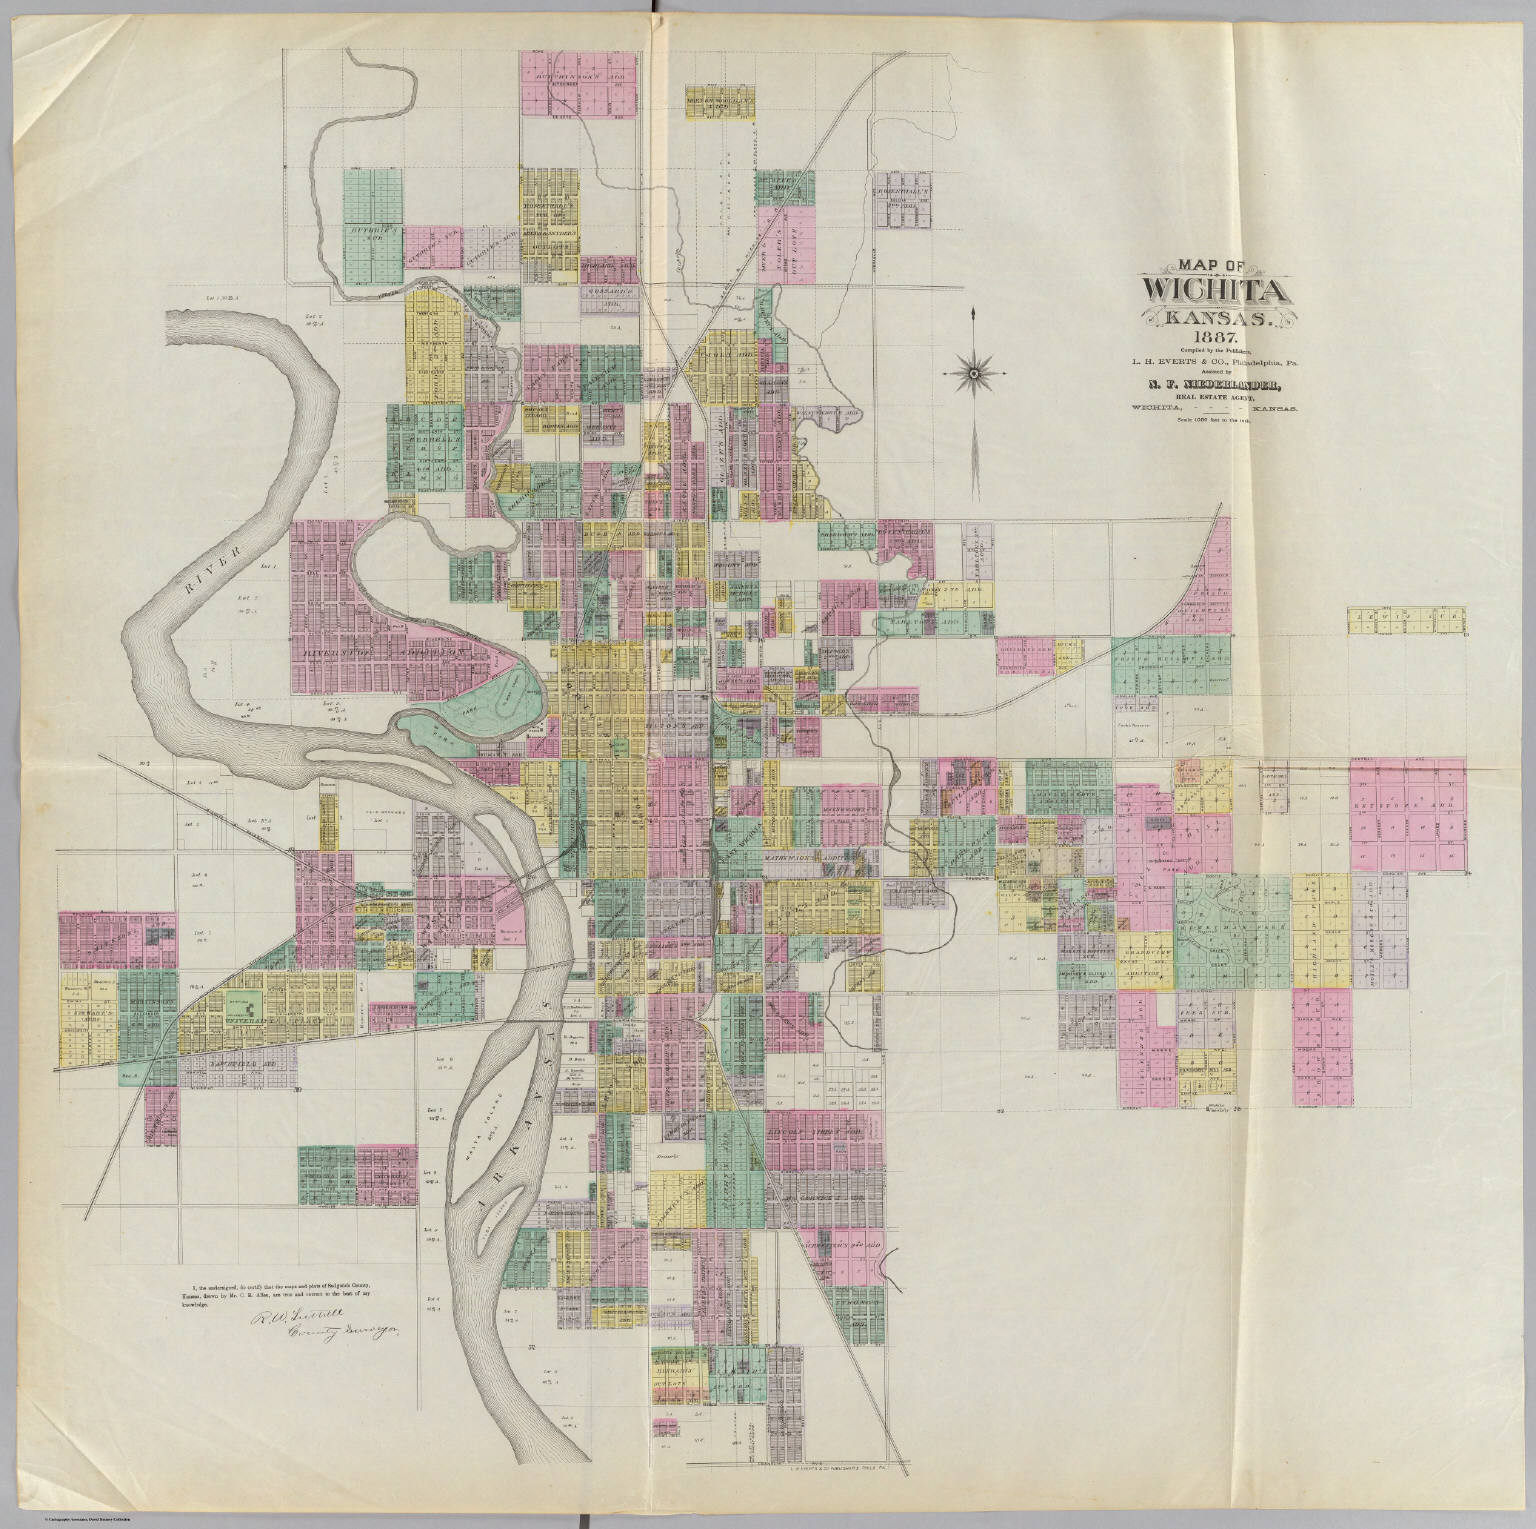 Old Kansas Map.Map Of Wichita Kansas L H Everts Co Niederlander N F